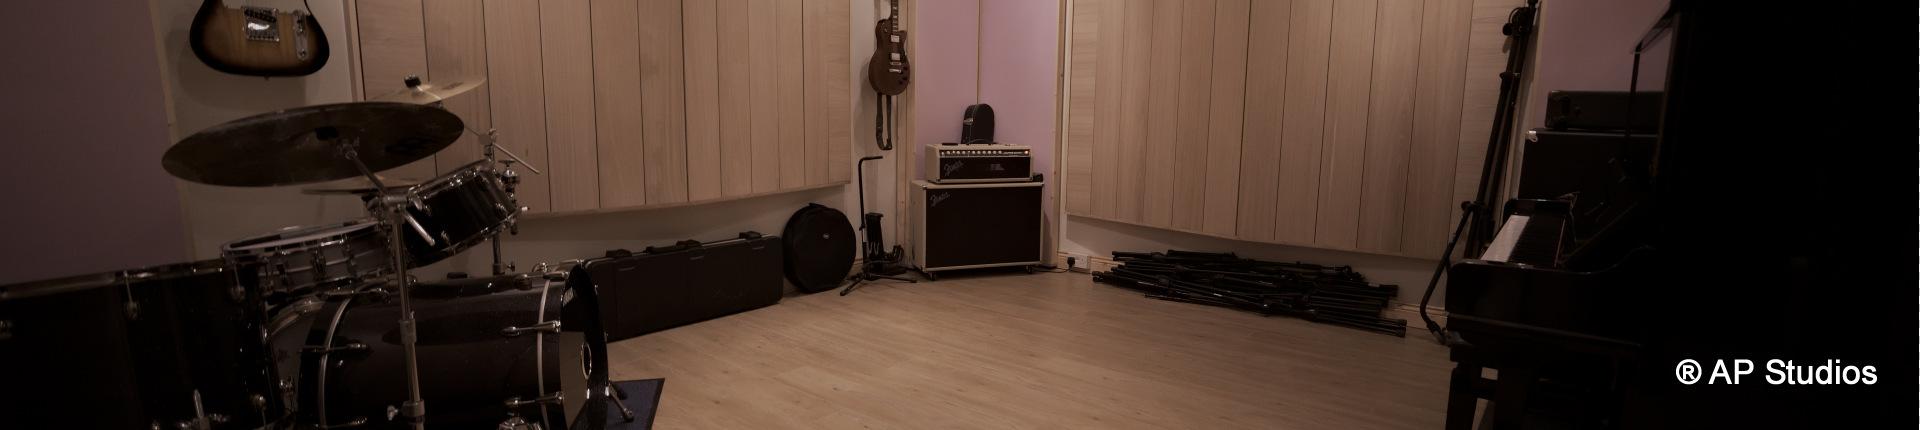 AP Recording Studios Dublin Live Room Front View